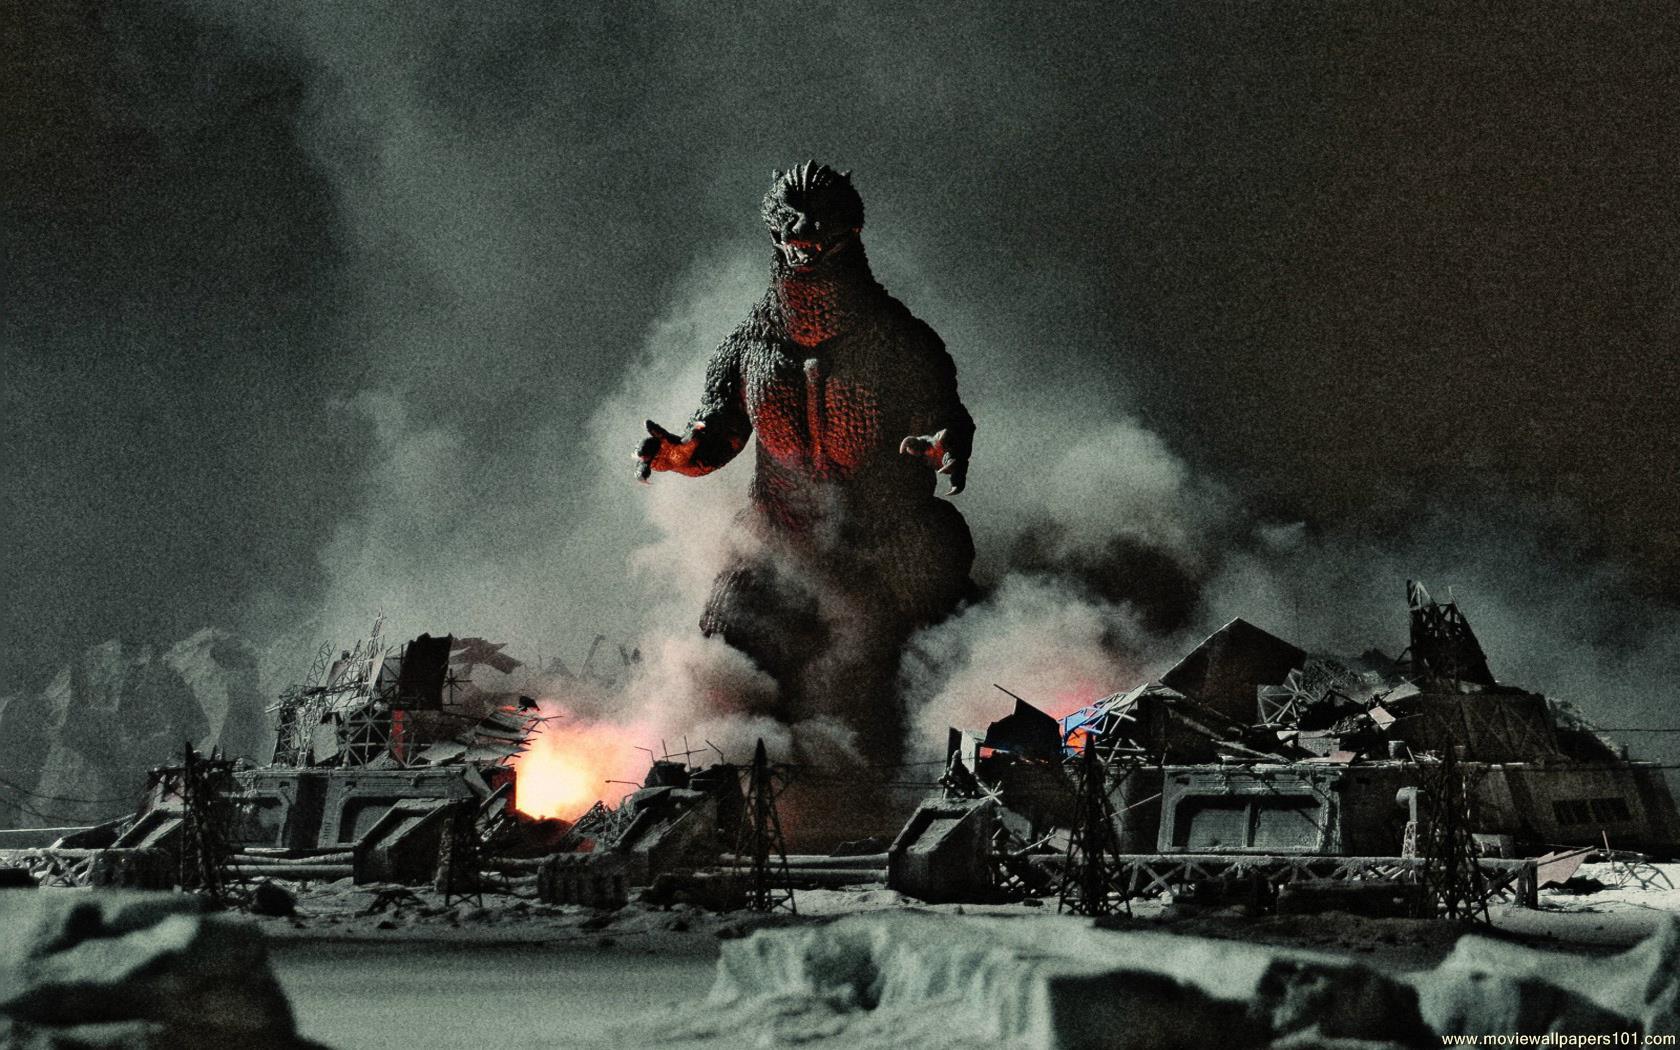 Godzilla wallpaper   1680x1050 MovieWallpapers101com 1680x1050